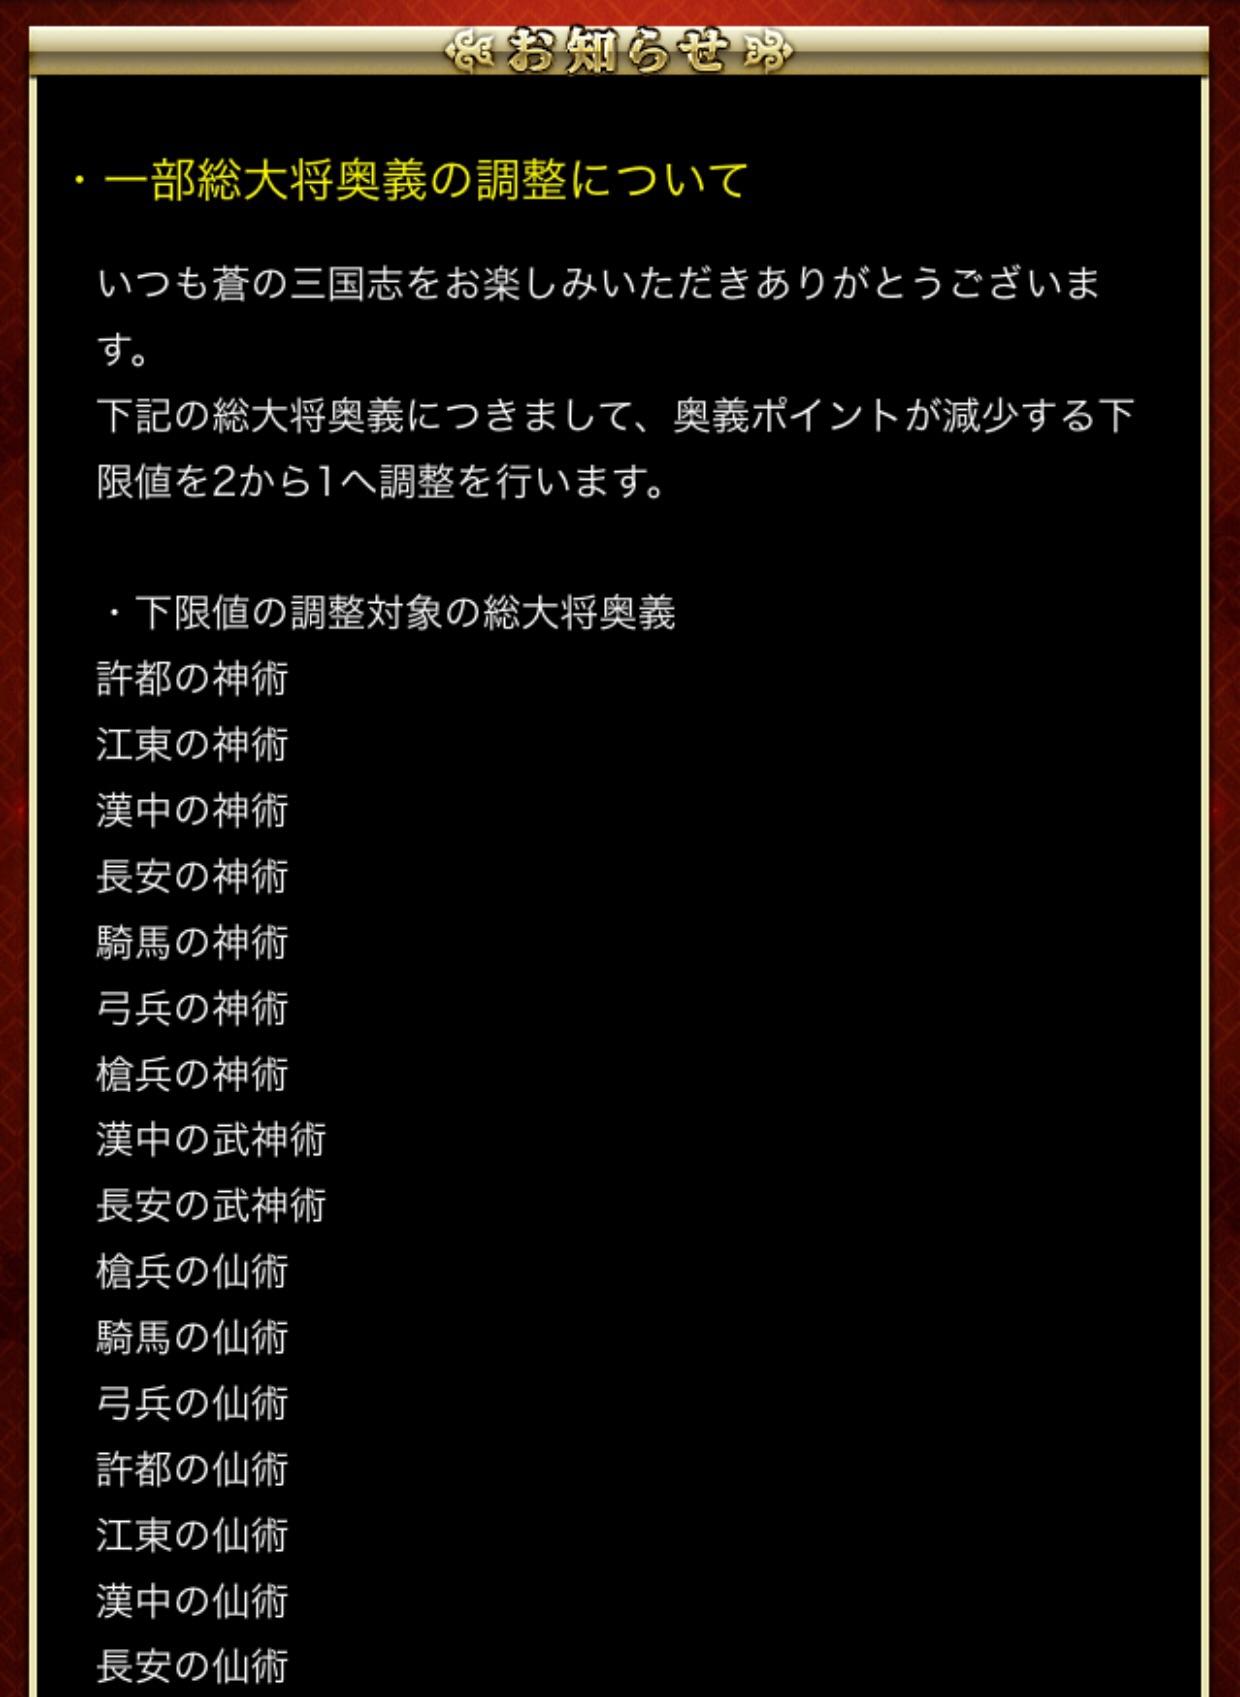 総大将奥義修正-2015-10-20-1